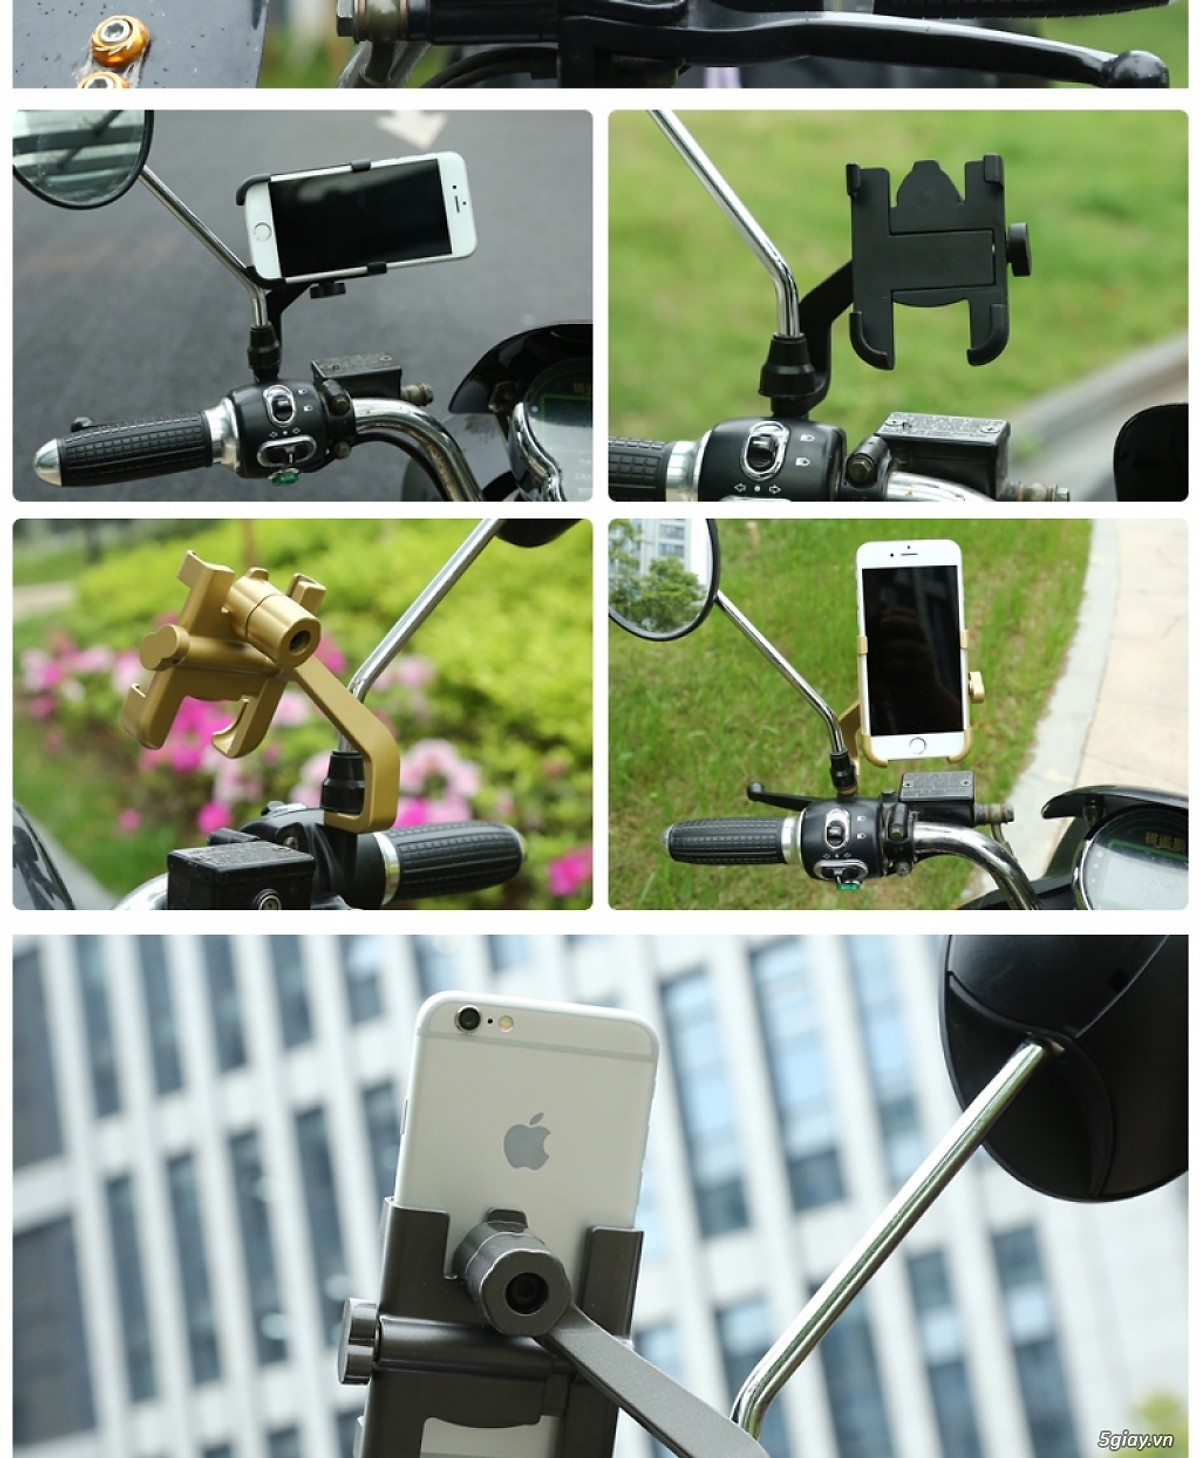 Giá kẹp điện thoại chống trộm, chống rung lắc cho xe máy